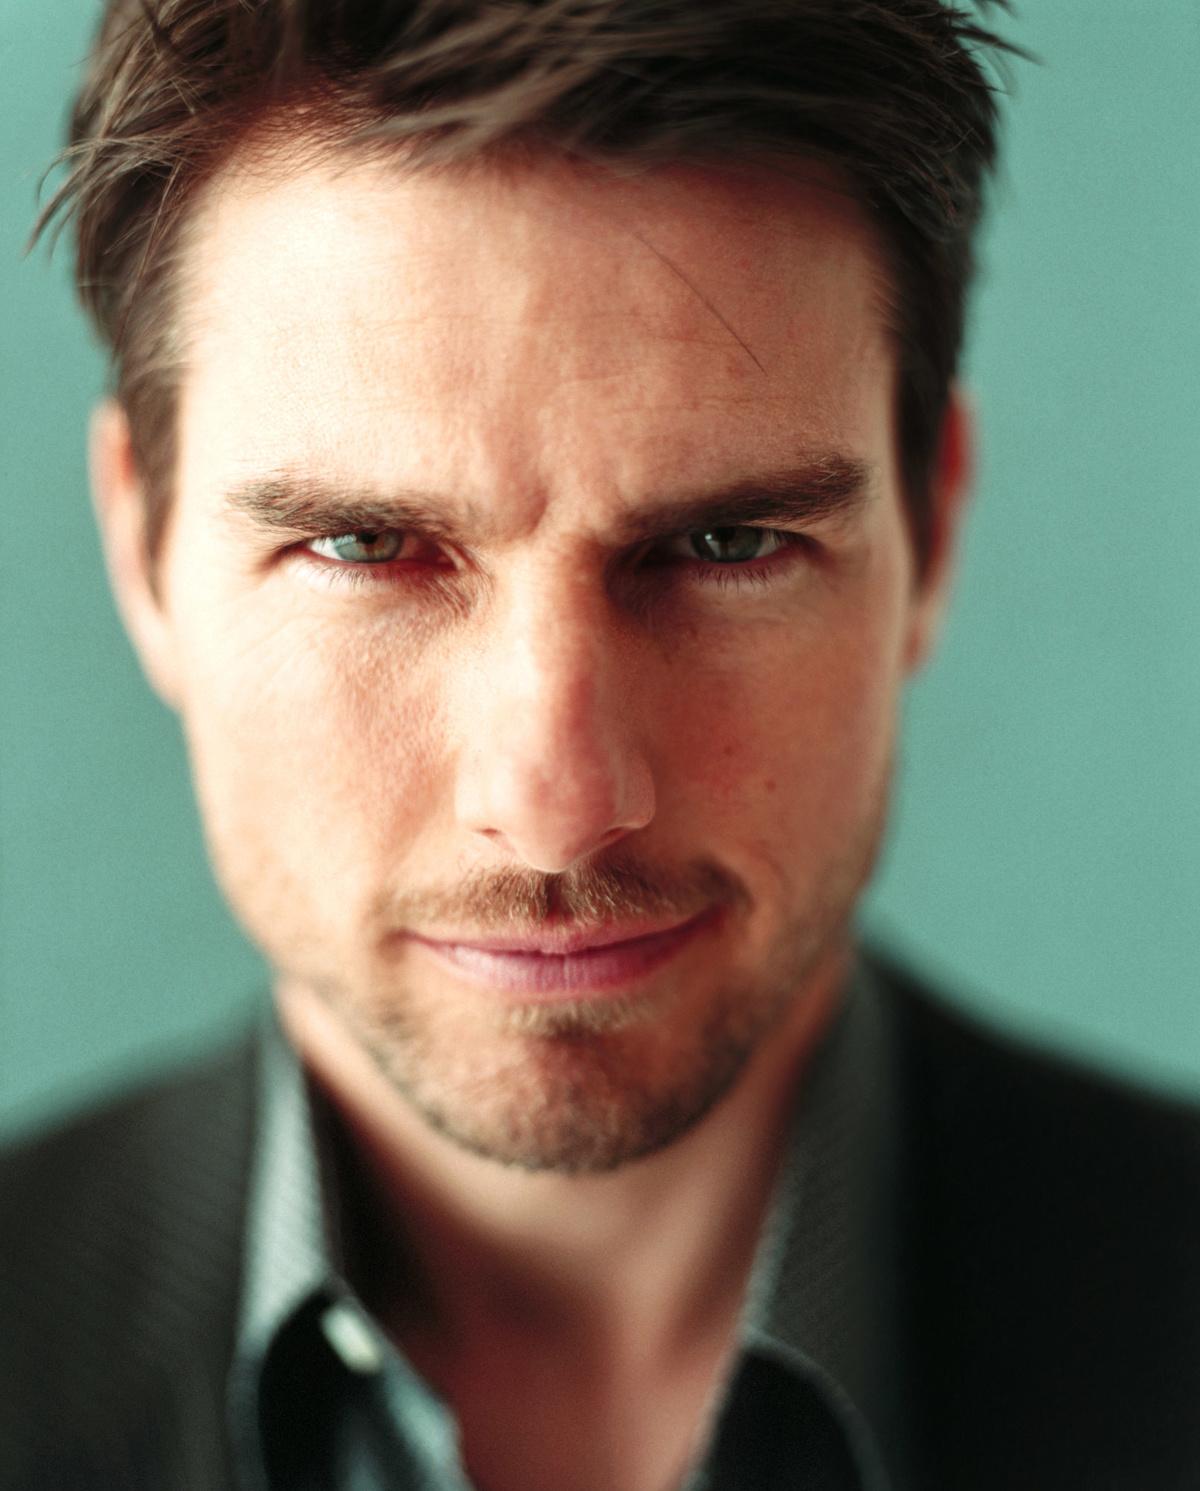 известные зарубежные актеры мужчины фото красивые